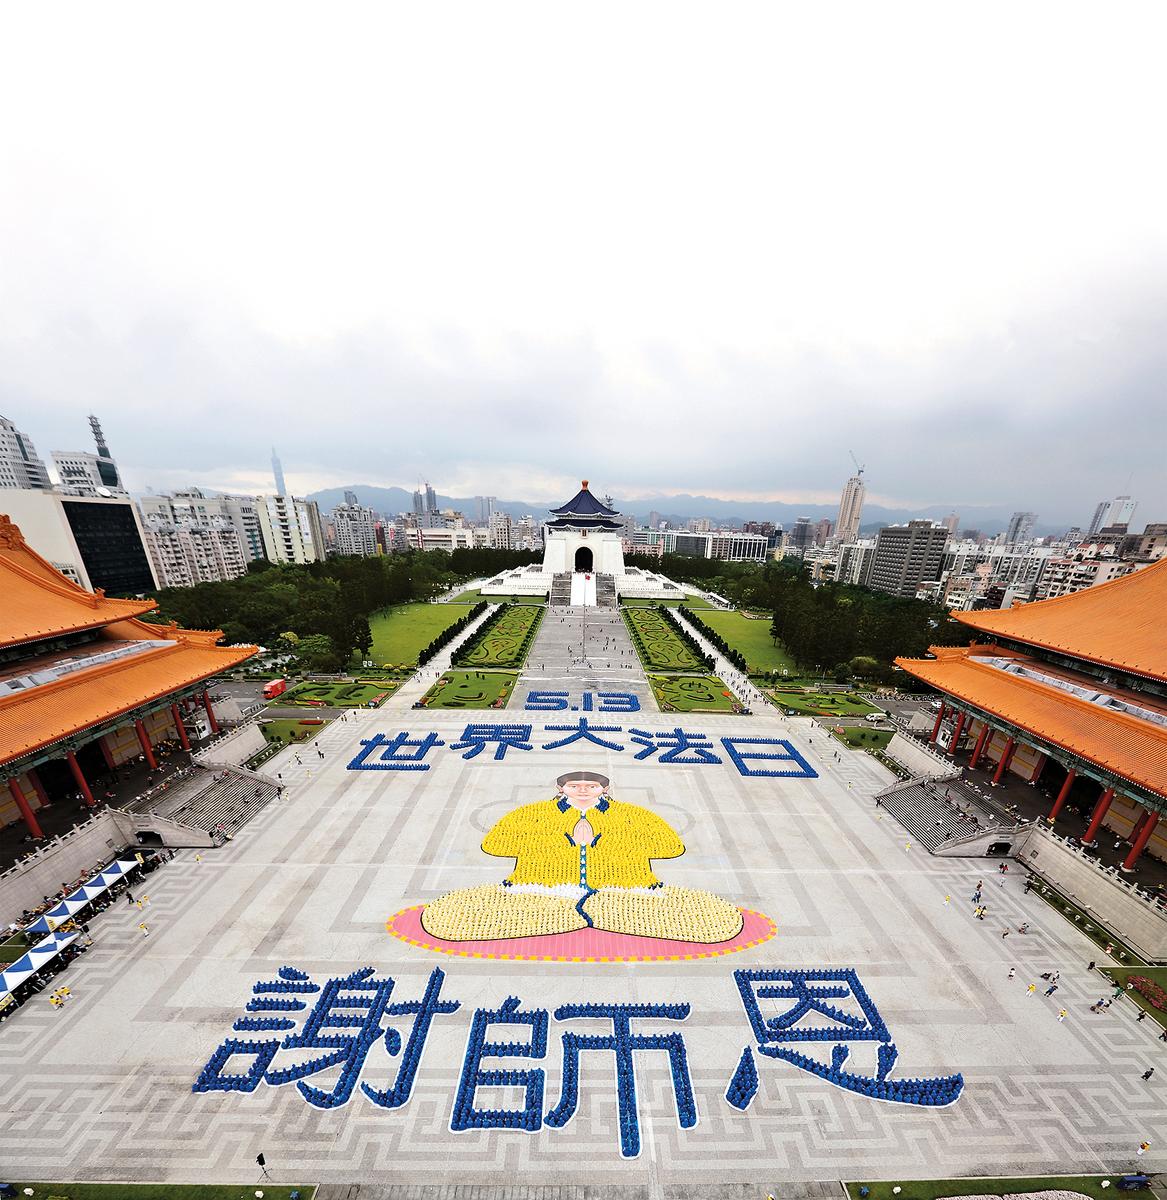 2014年4月26日,法輪功學員在台北排出「謝師恩」,感謝李洪志師父的慈悲苦度。(大紀元)